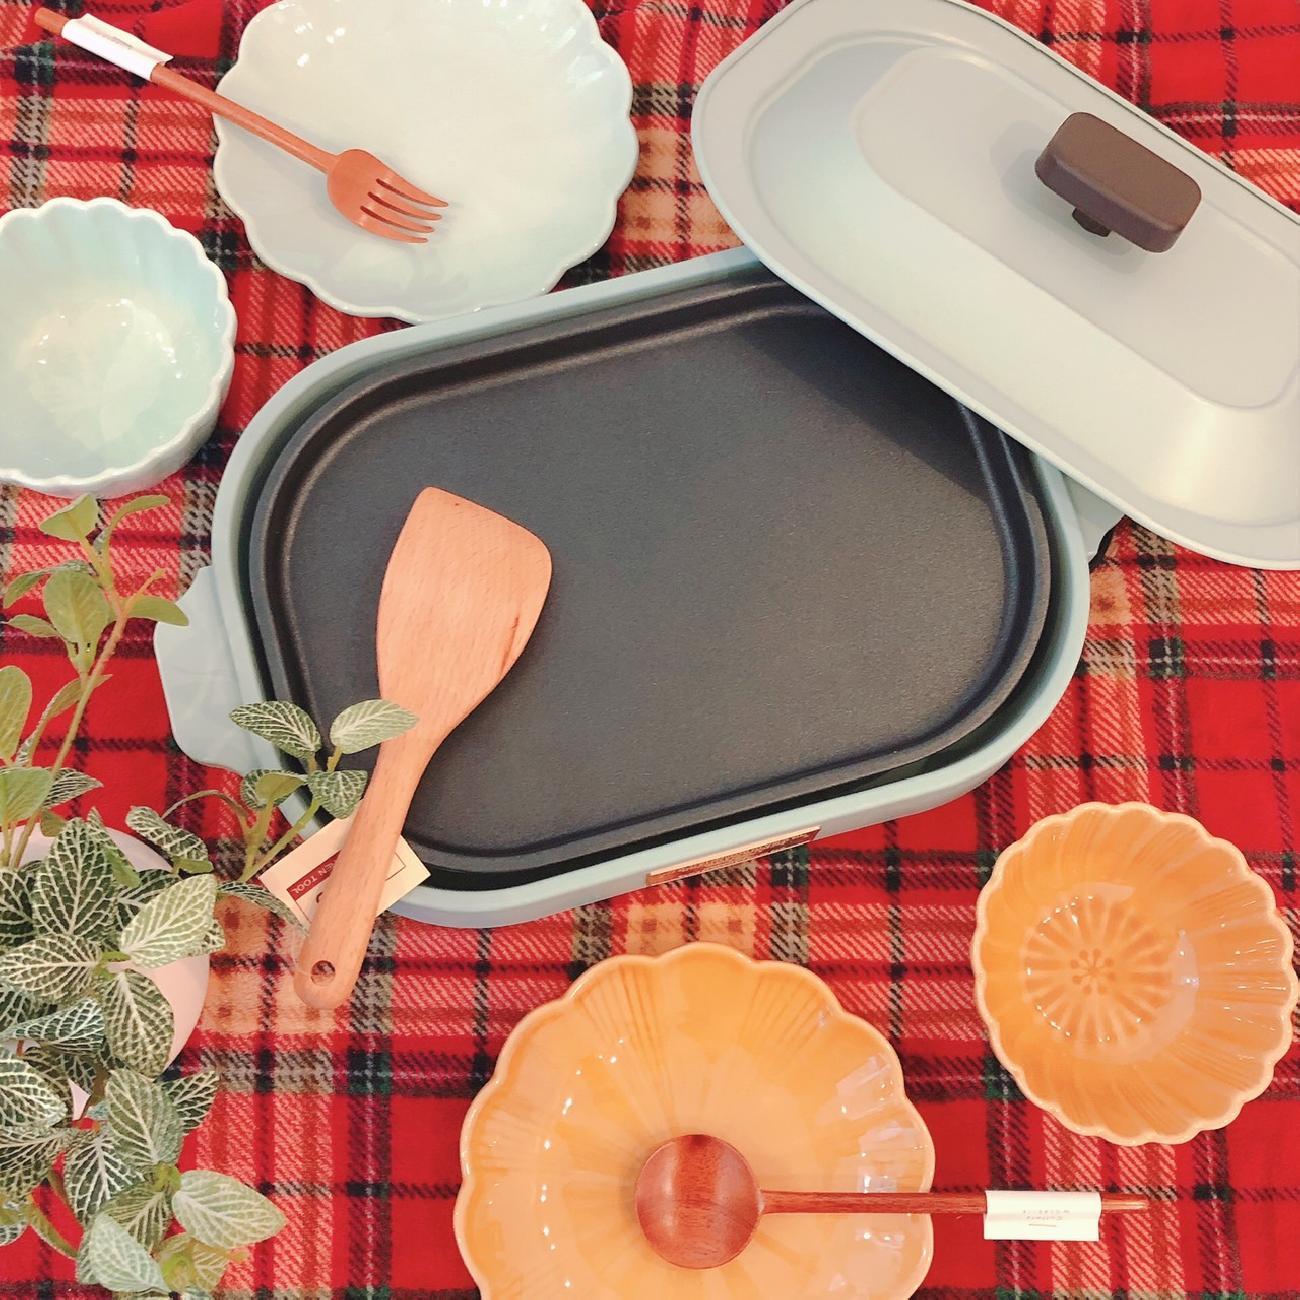 コンパクトホットプレート/ホットプレート/おうちごはん/家ごはん/料理/豊かな食卓